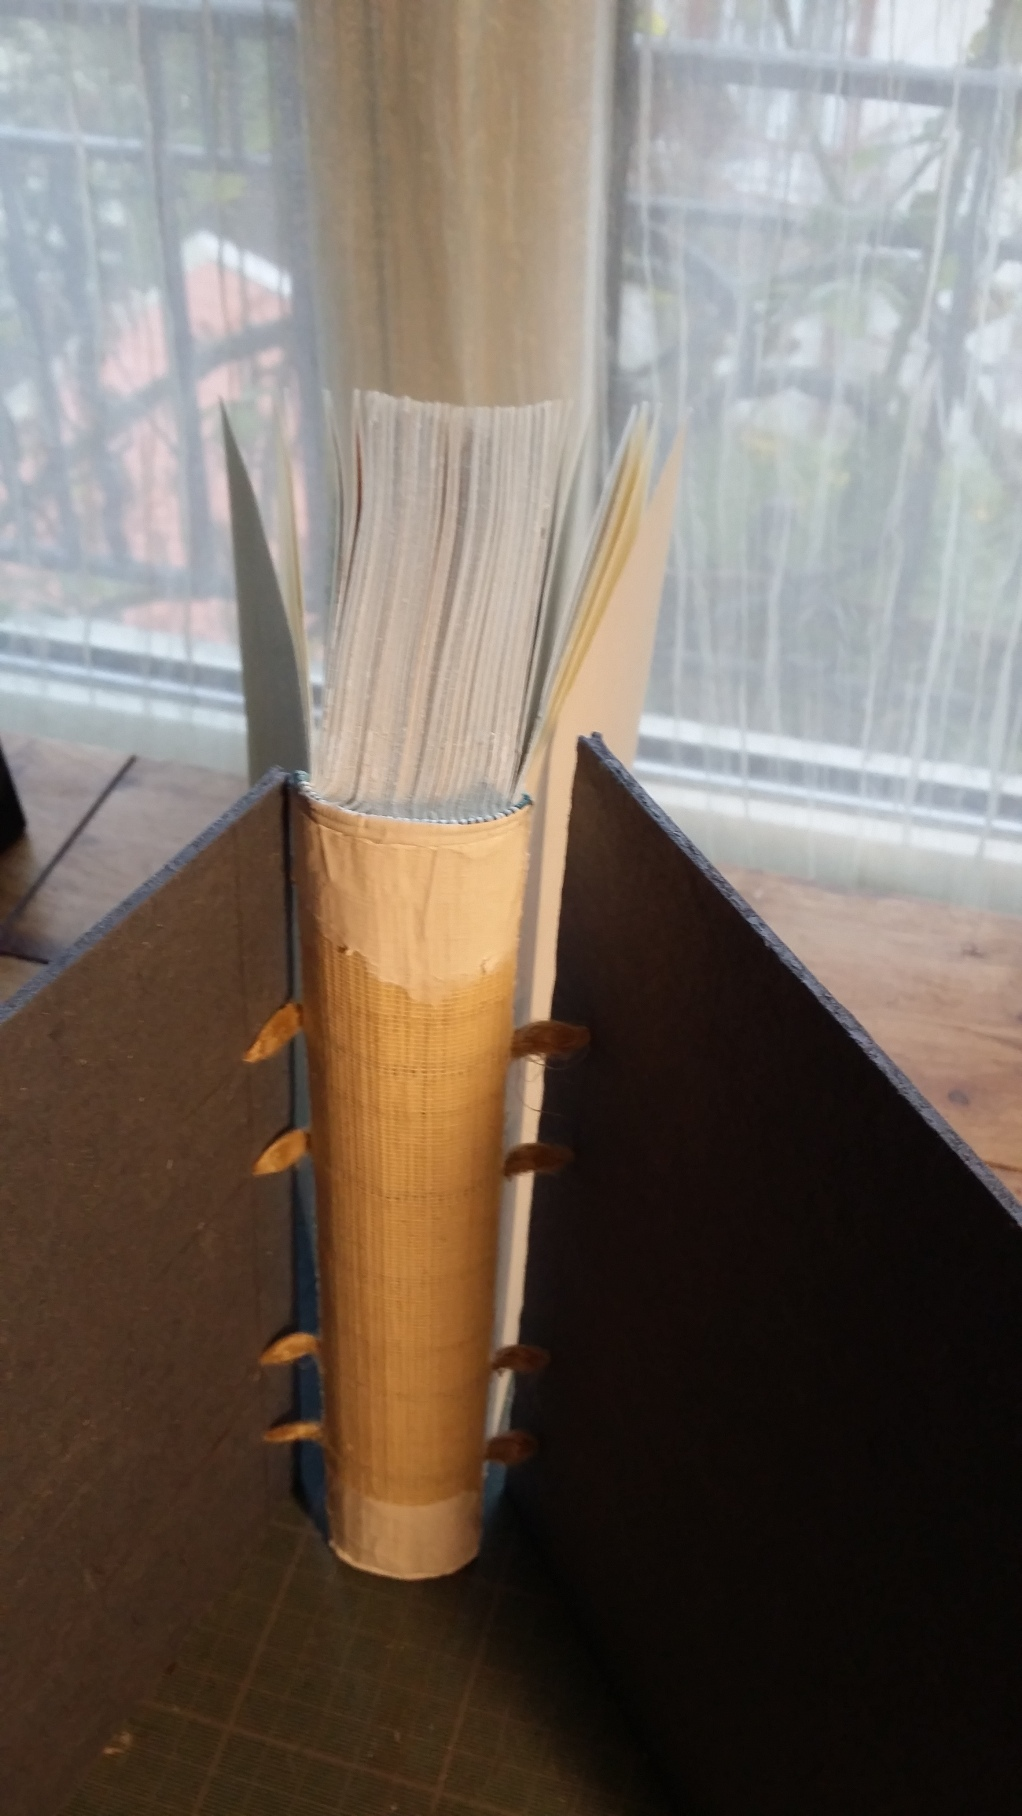 15-Après la fixation de la tranchefile et avant la pose des papiers kraft